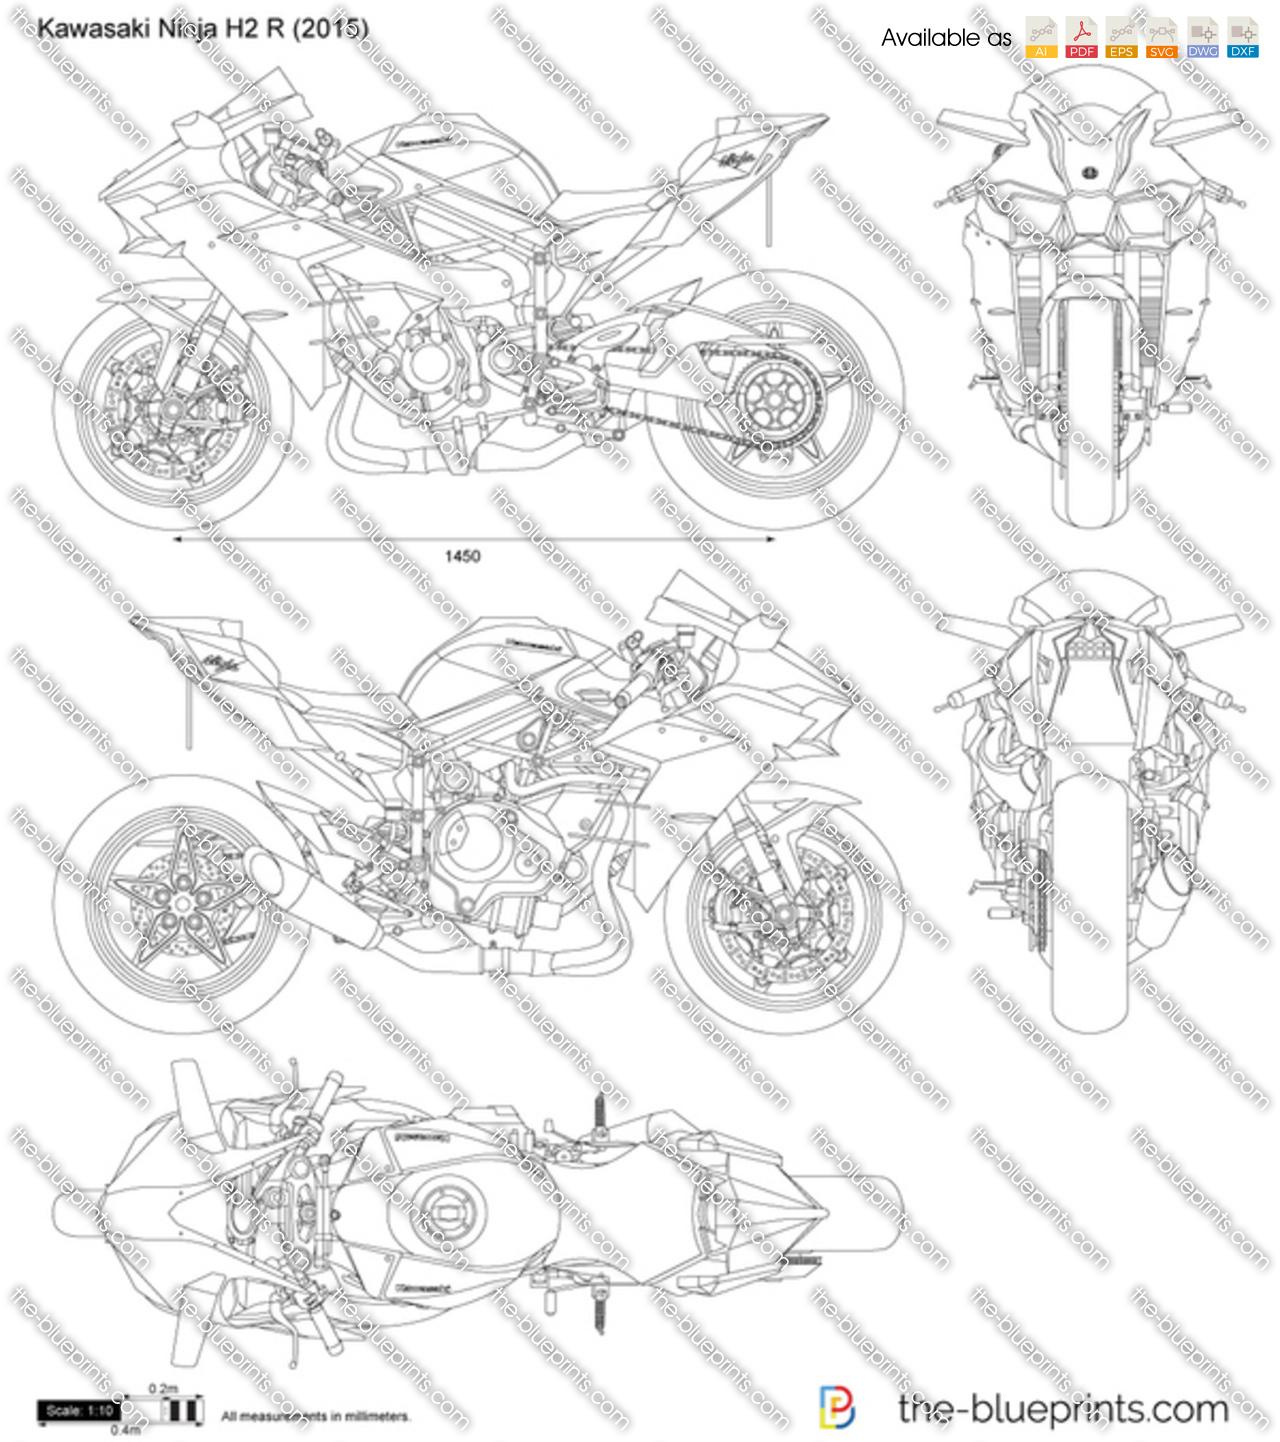 Kawasaki Ninja H2 R vector drawing